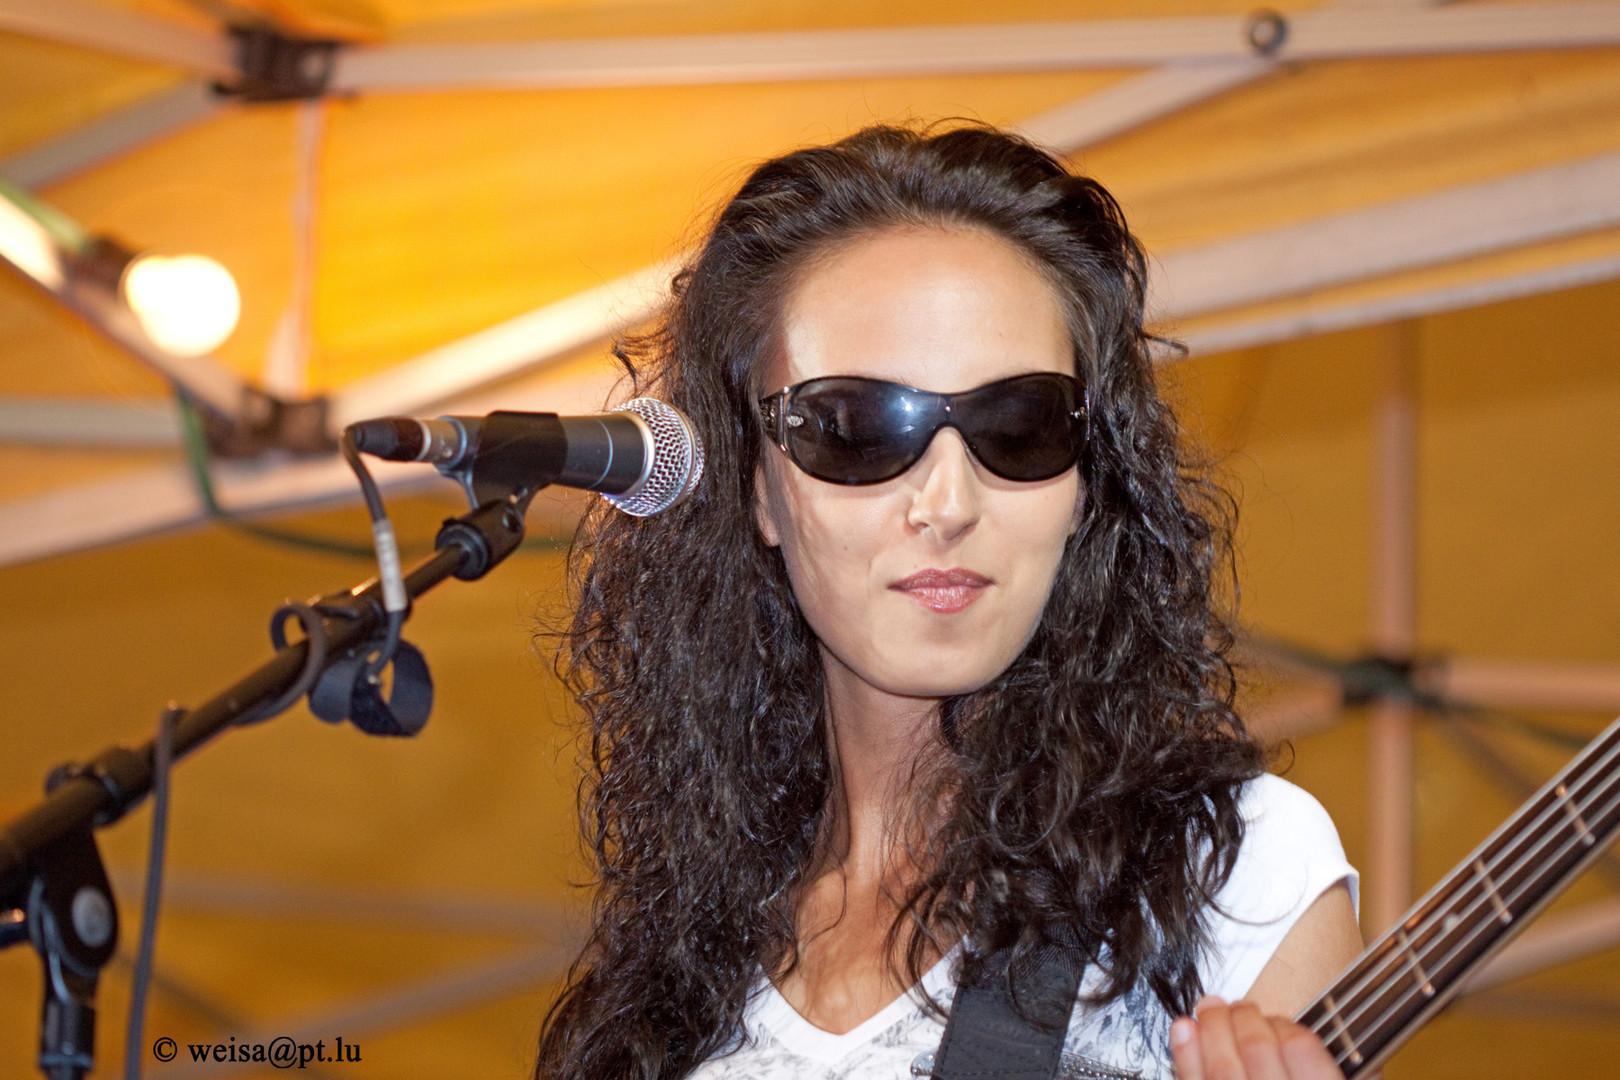 Rocklady mit Sonnenbrille